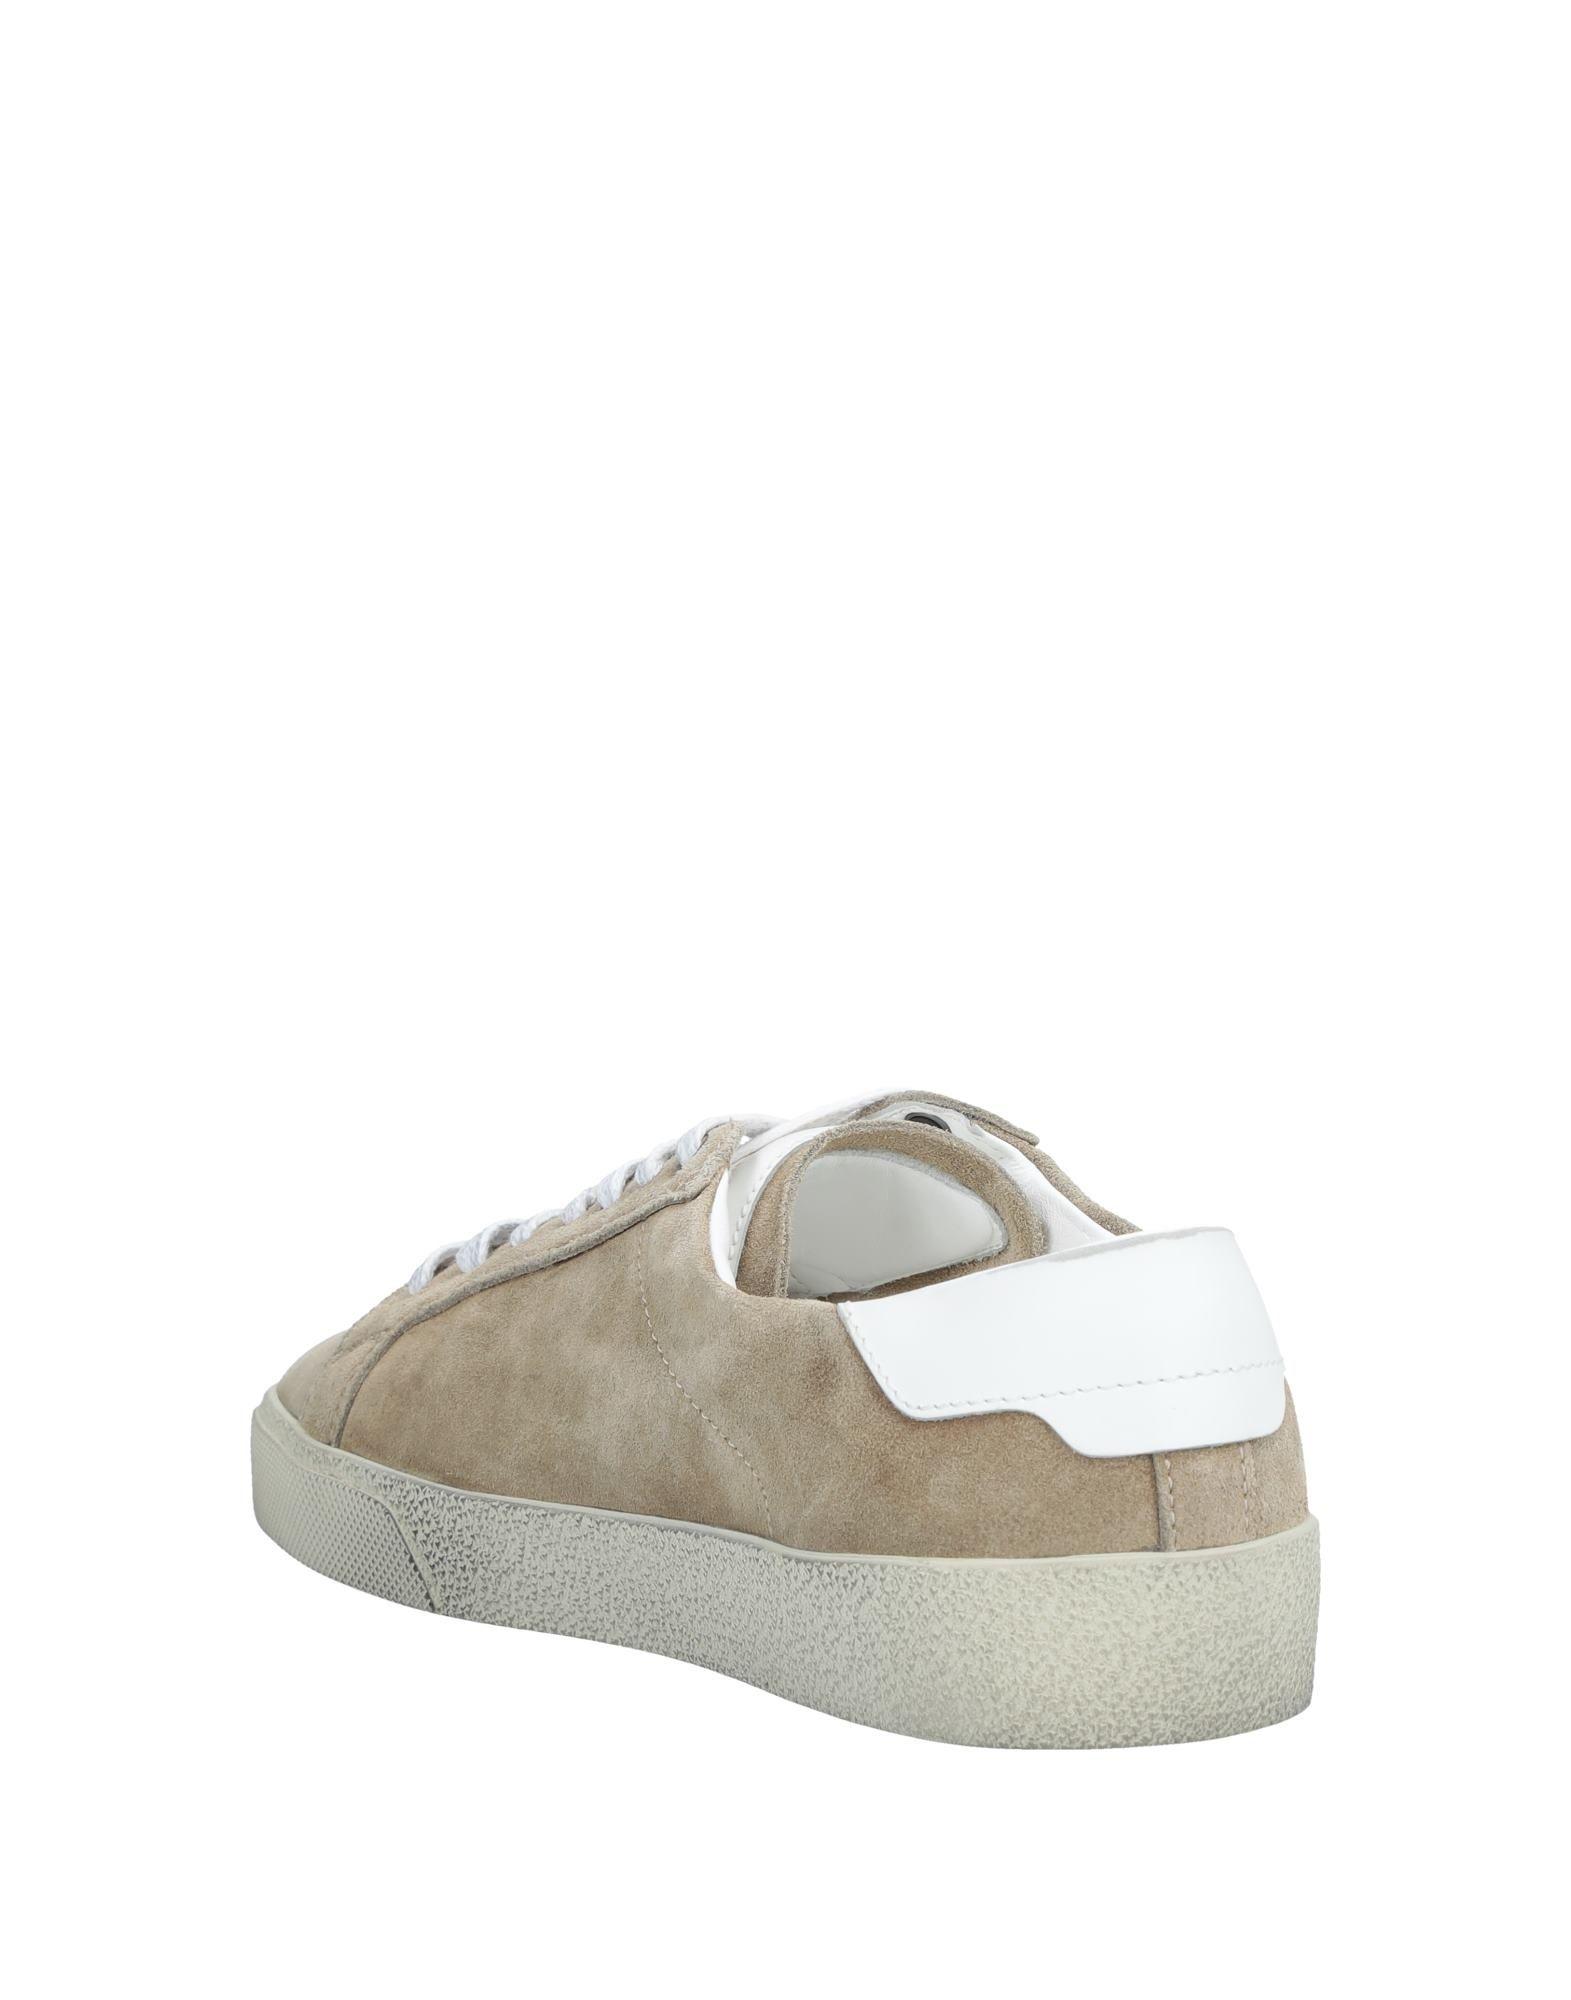 Saint Laurent Gute Sneakers Herren  11538010RS Gute Laurent Qualität beliebte Schuhe 2381ee